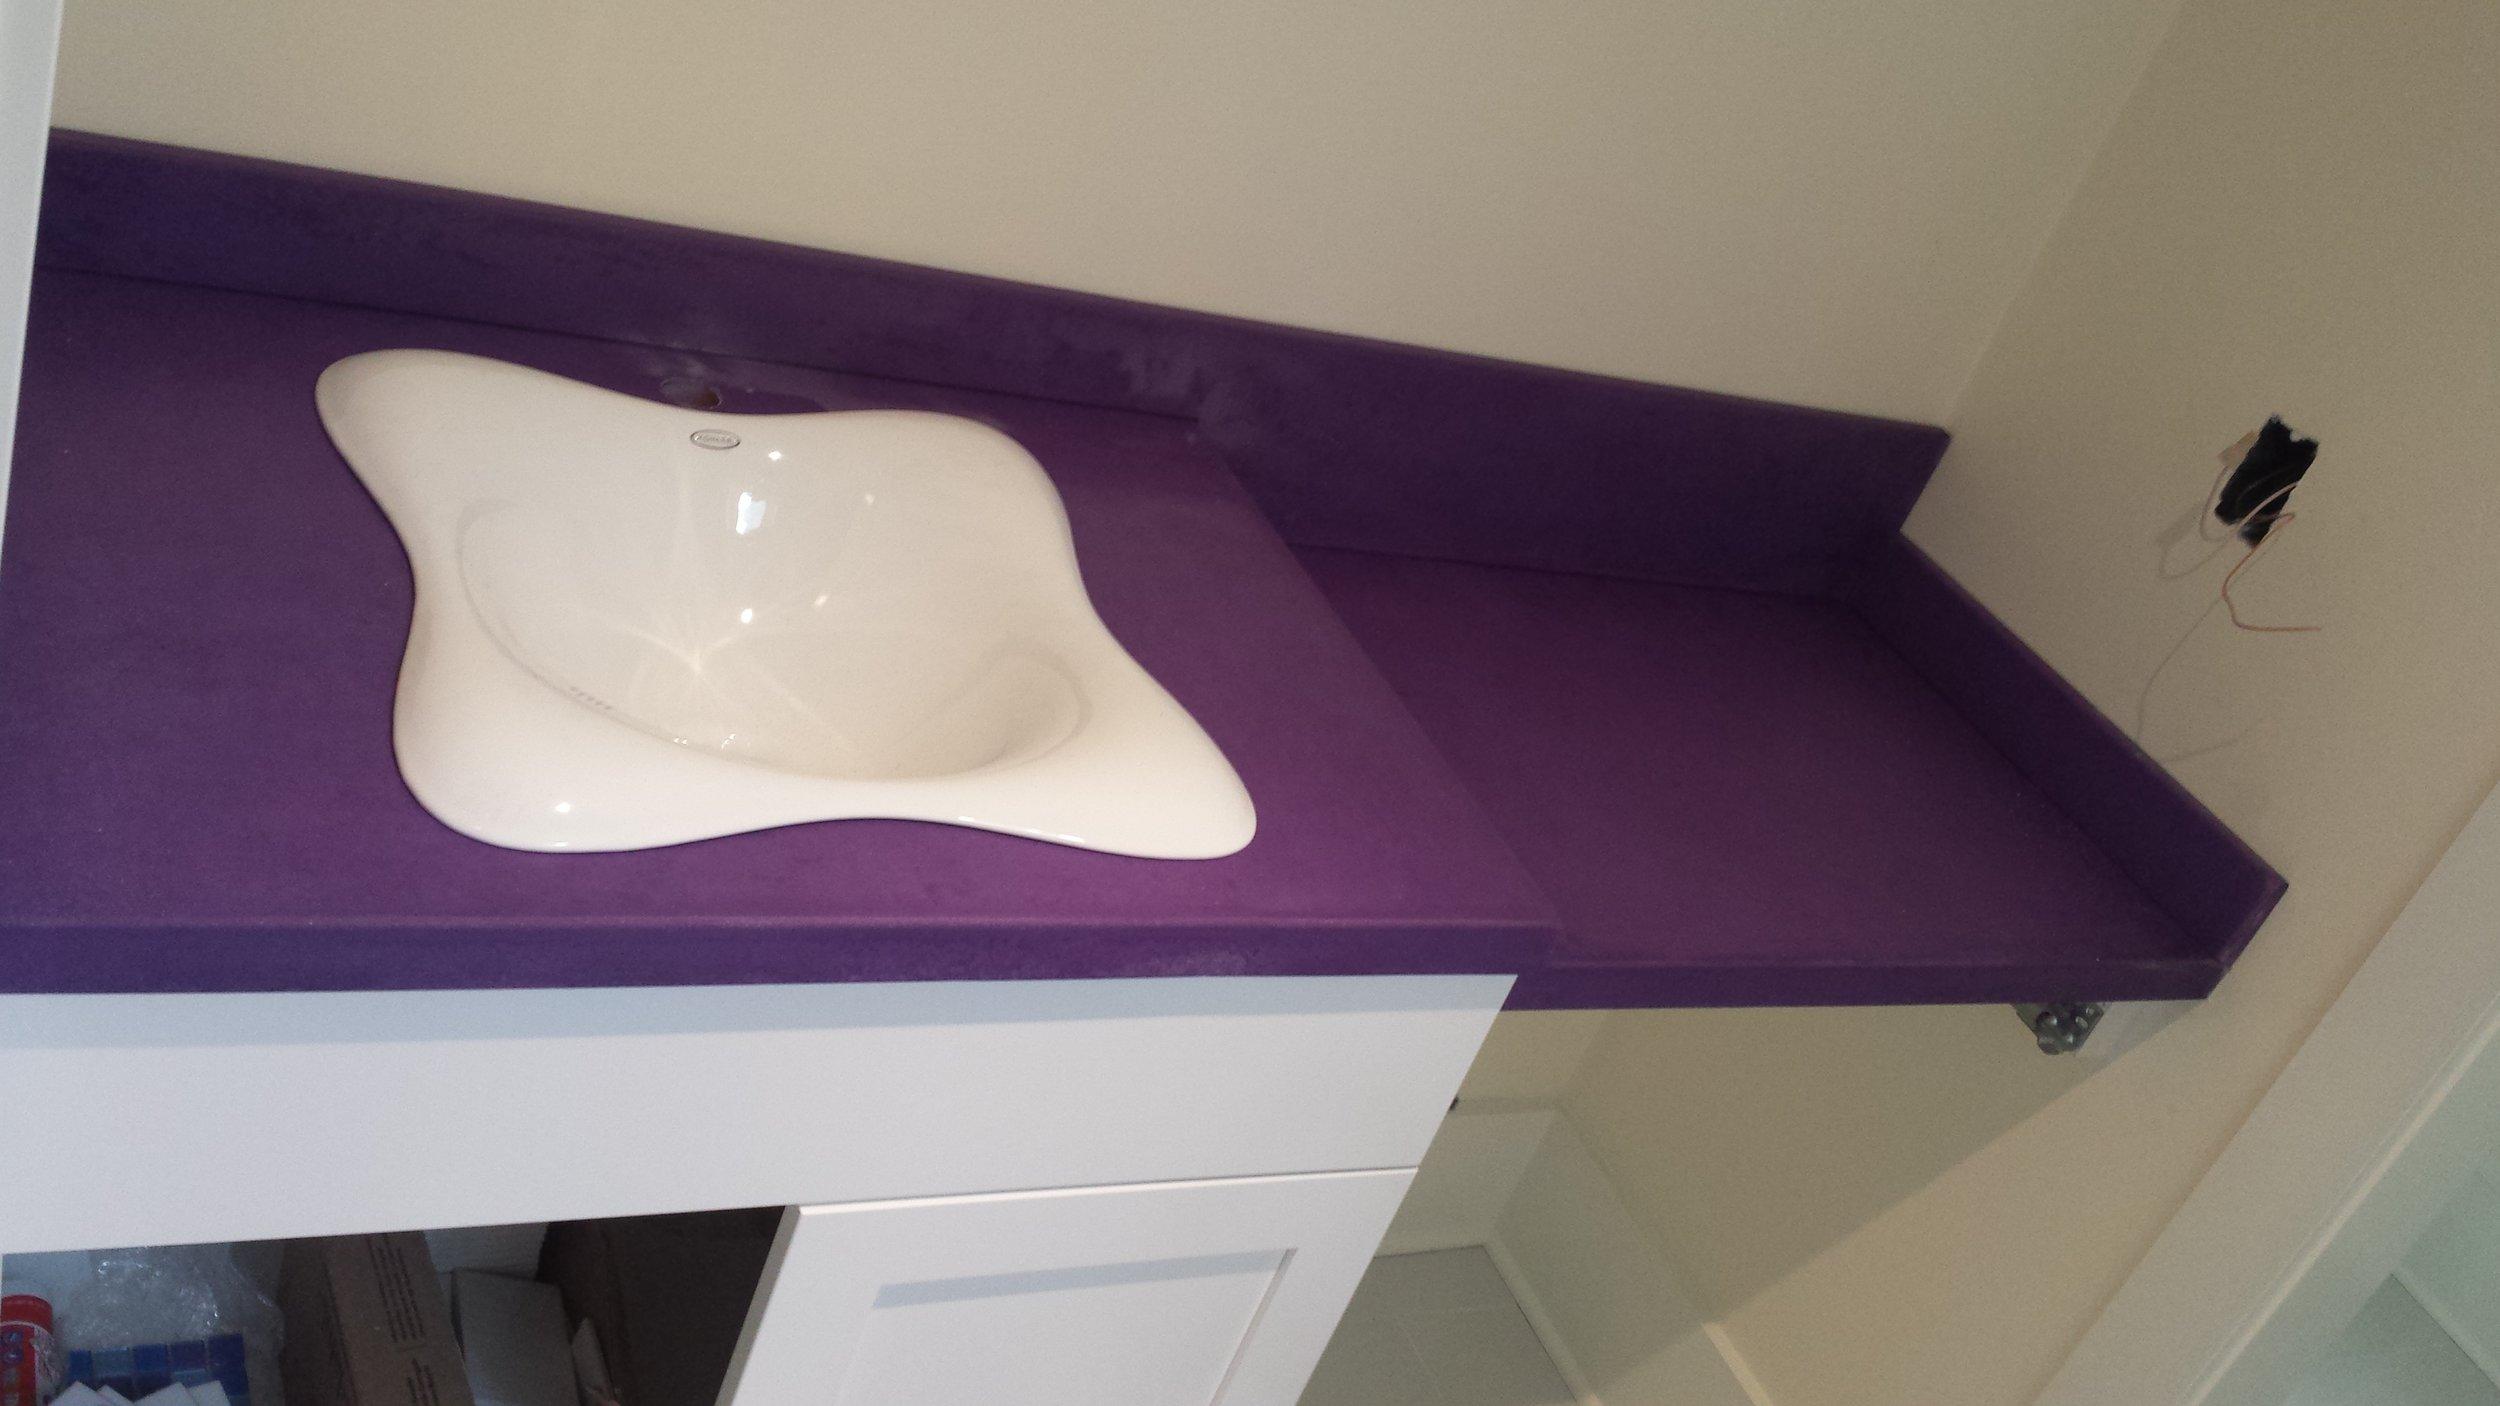 greyrock_concrete_bathroom_vanity_countertops_purple.jpg